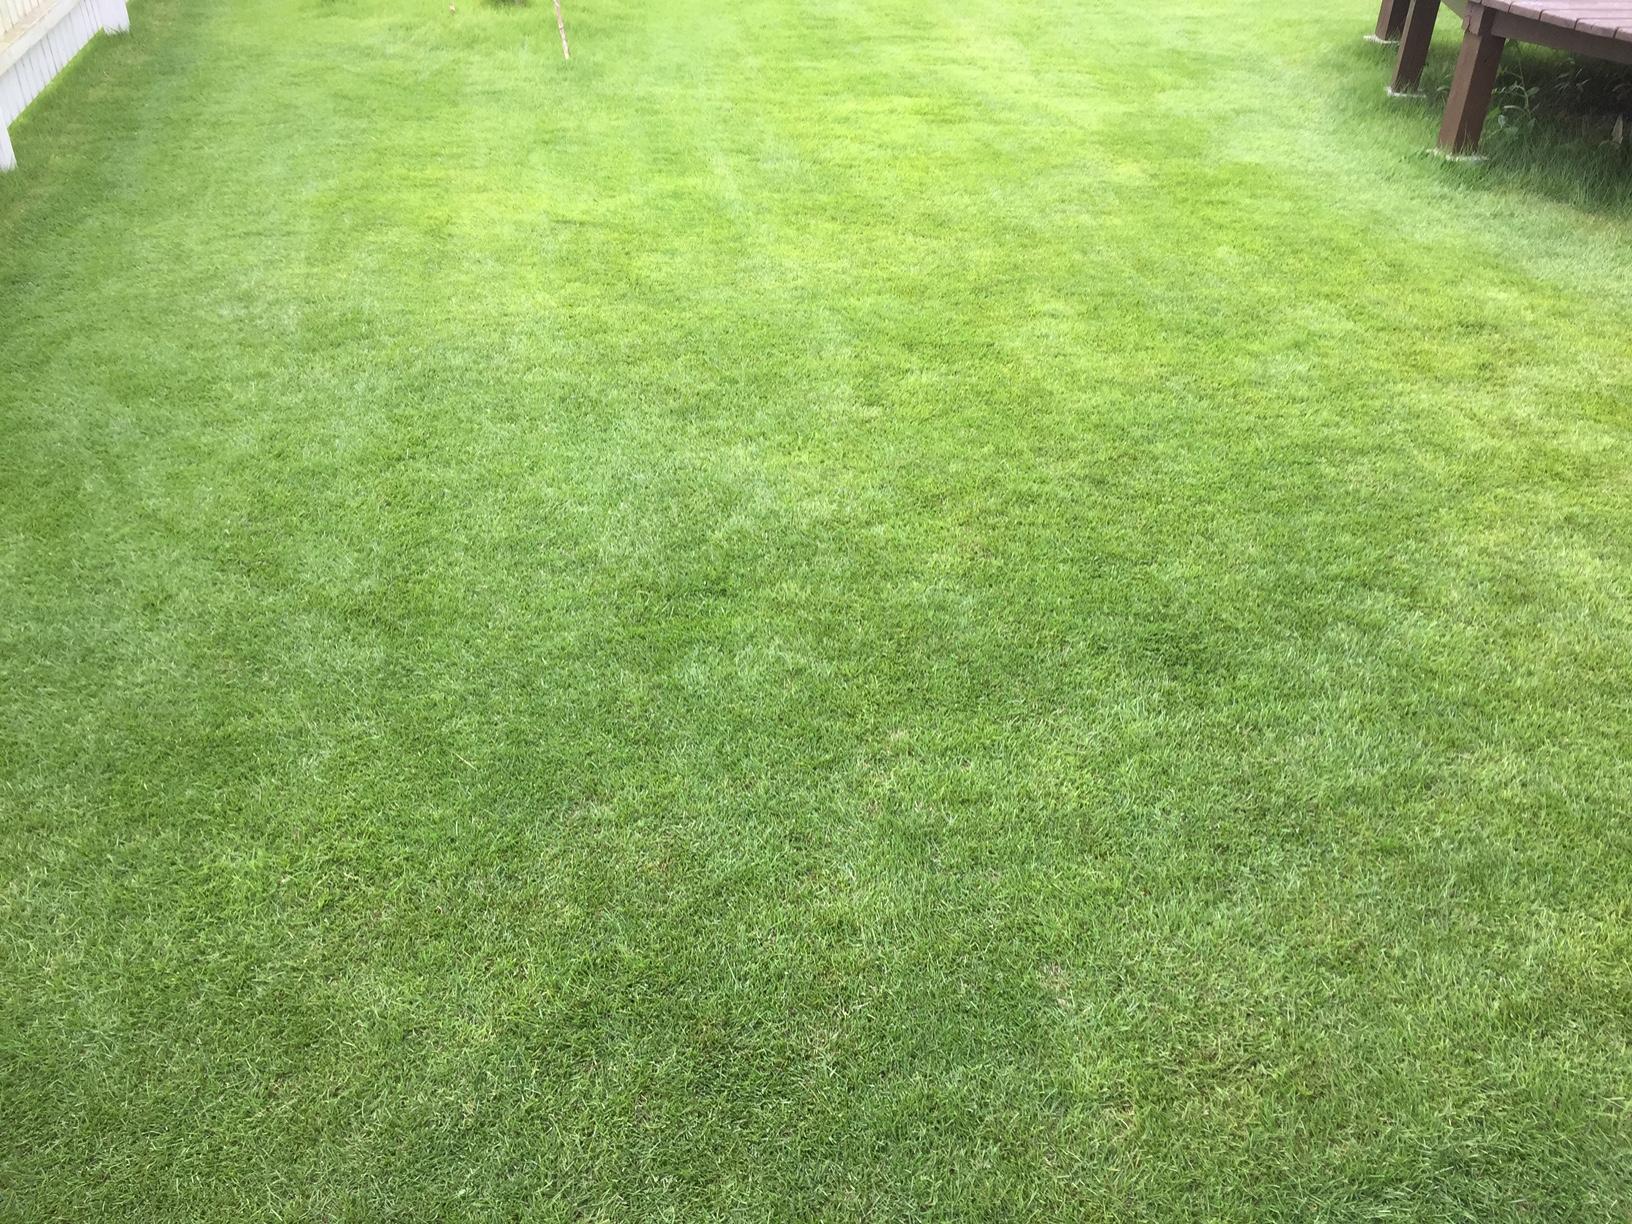 2019.07.18 芝生の状況(芝刈り)